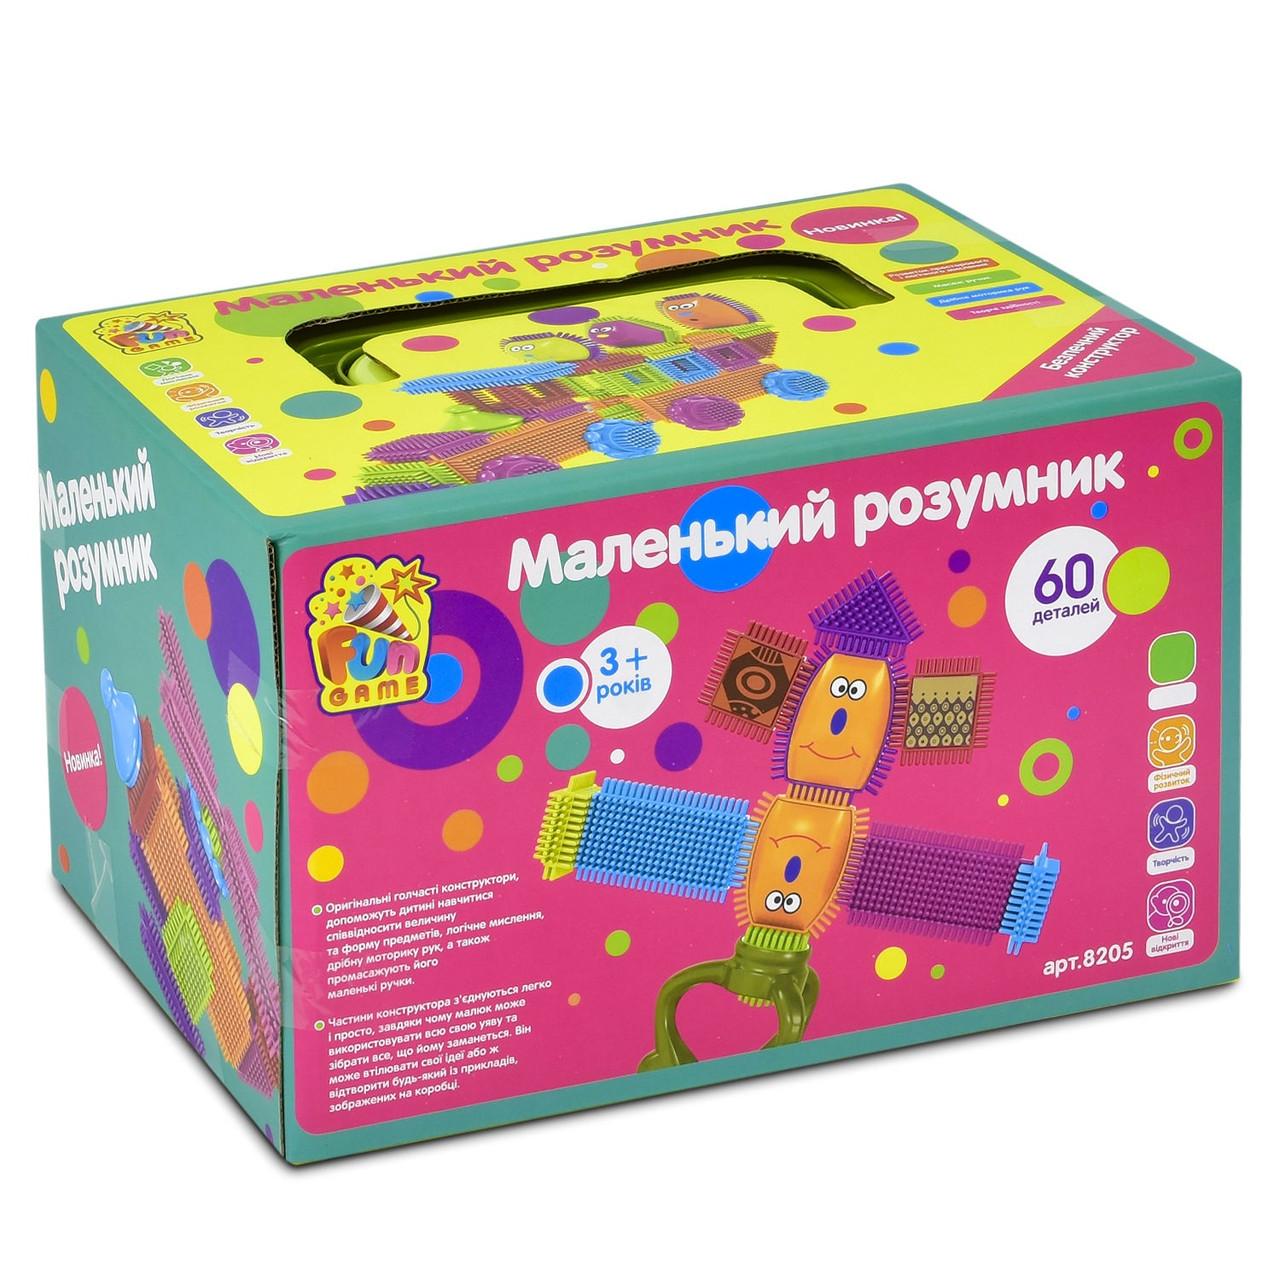 Конструктор игольчатый ТМ Fun Game арт. 8205